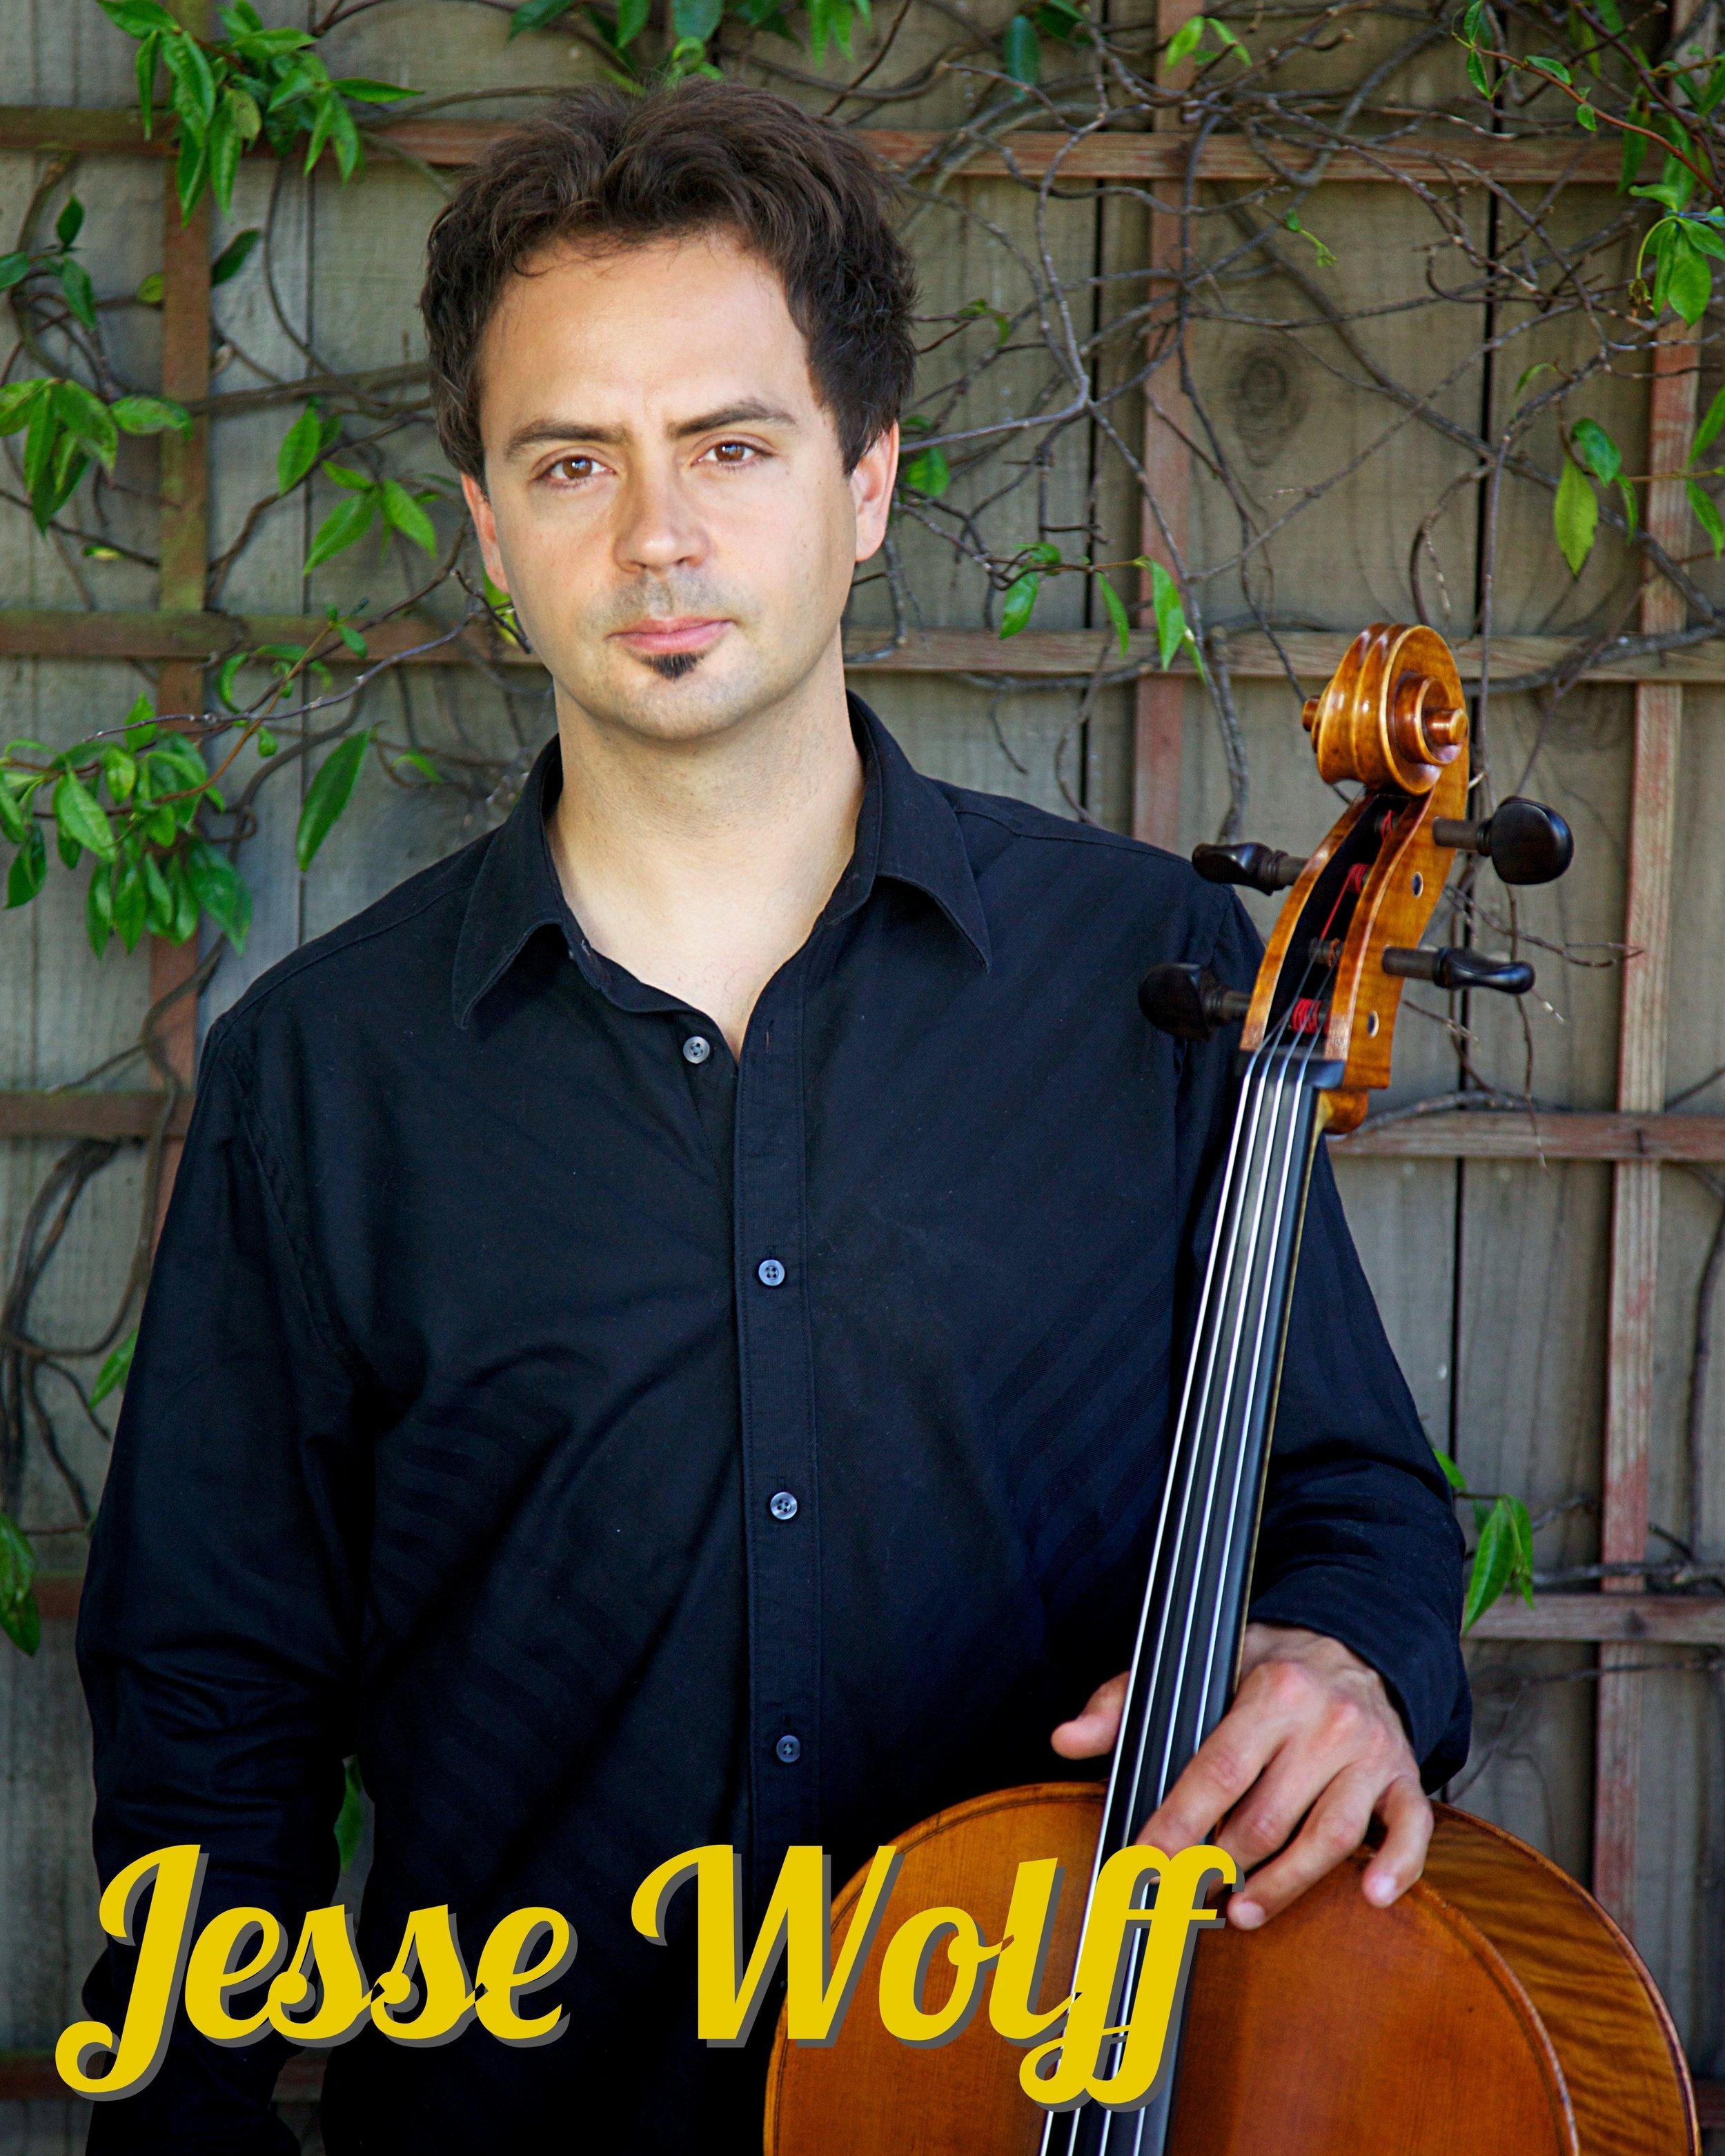 Jesse Wolff cello.jpg